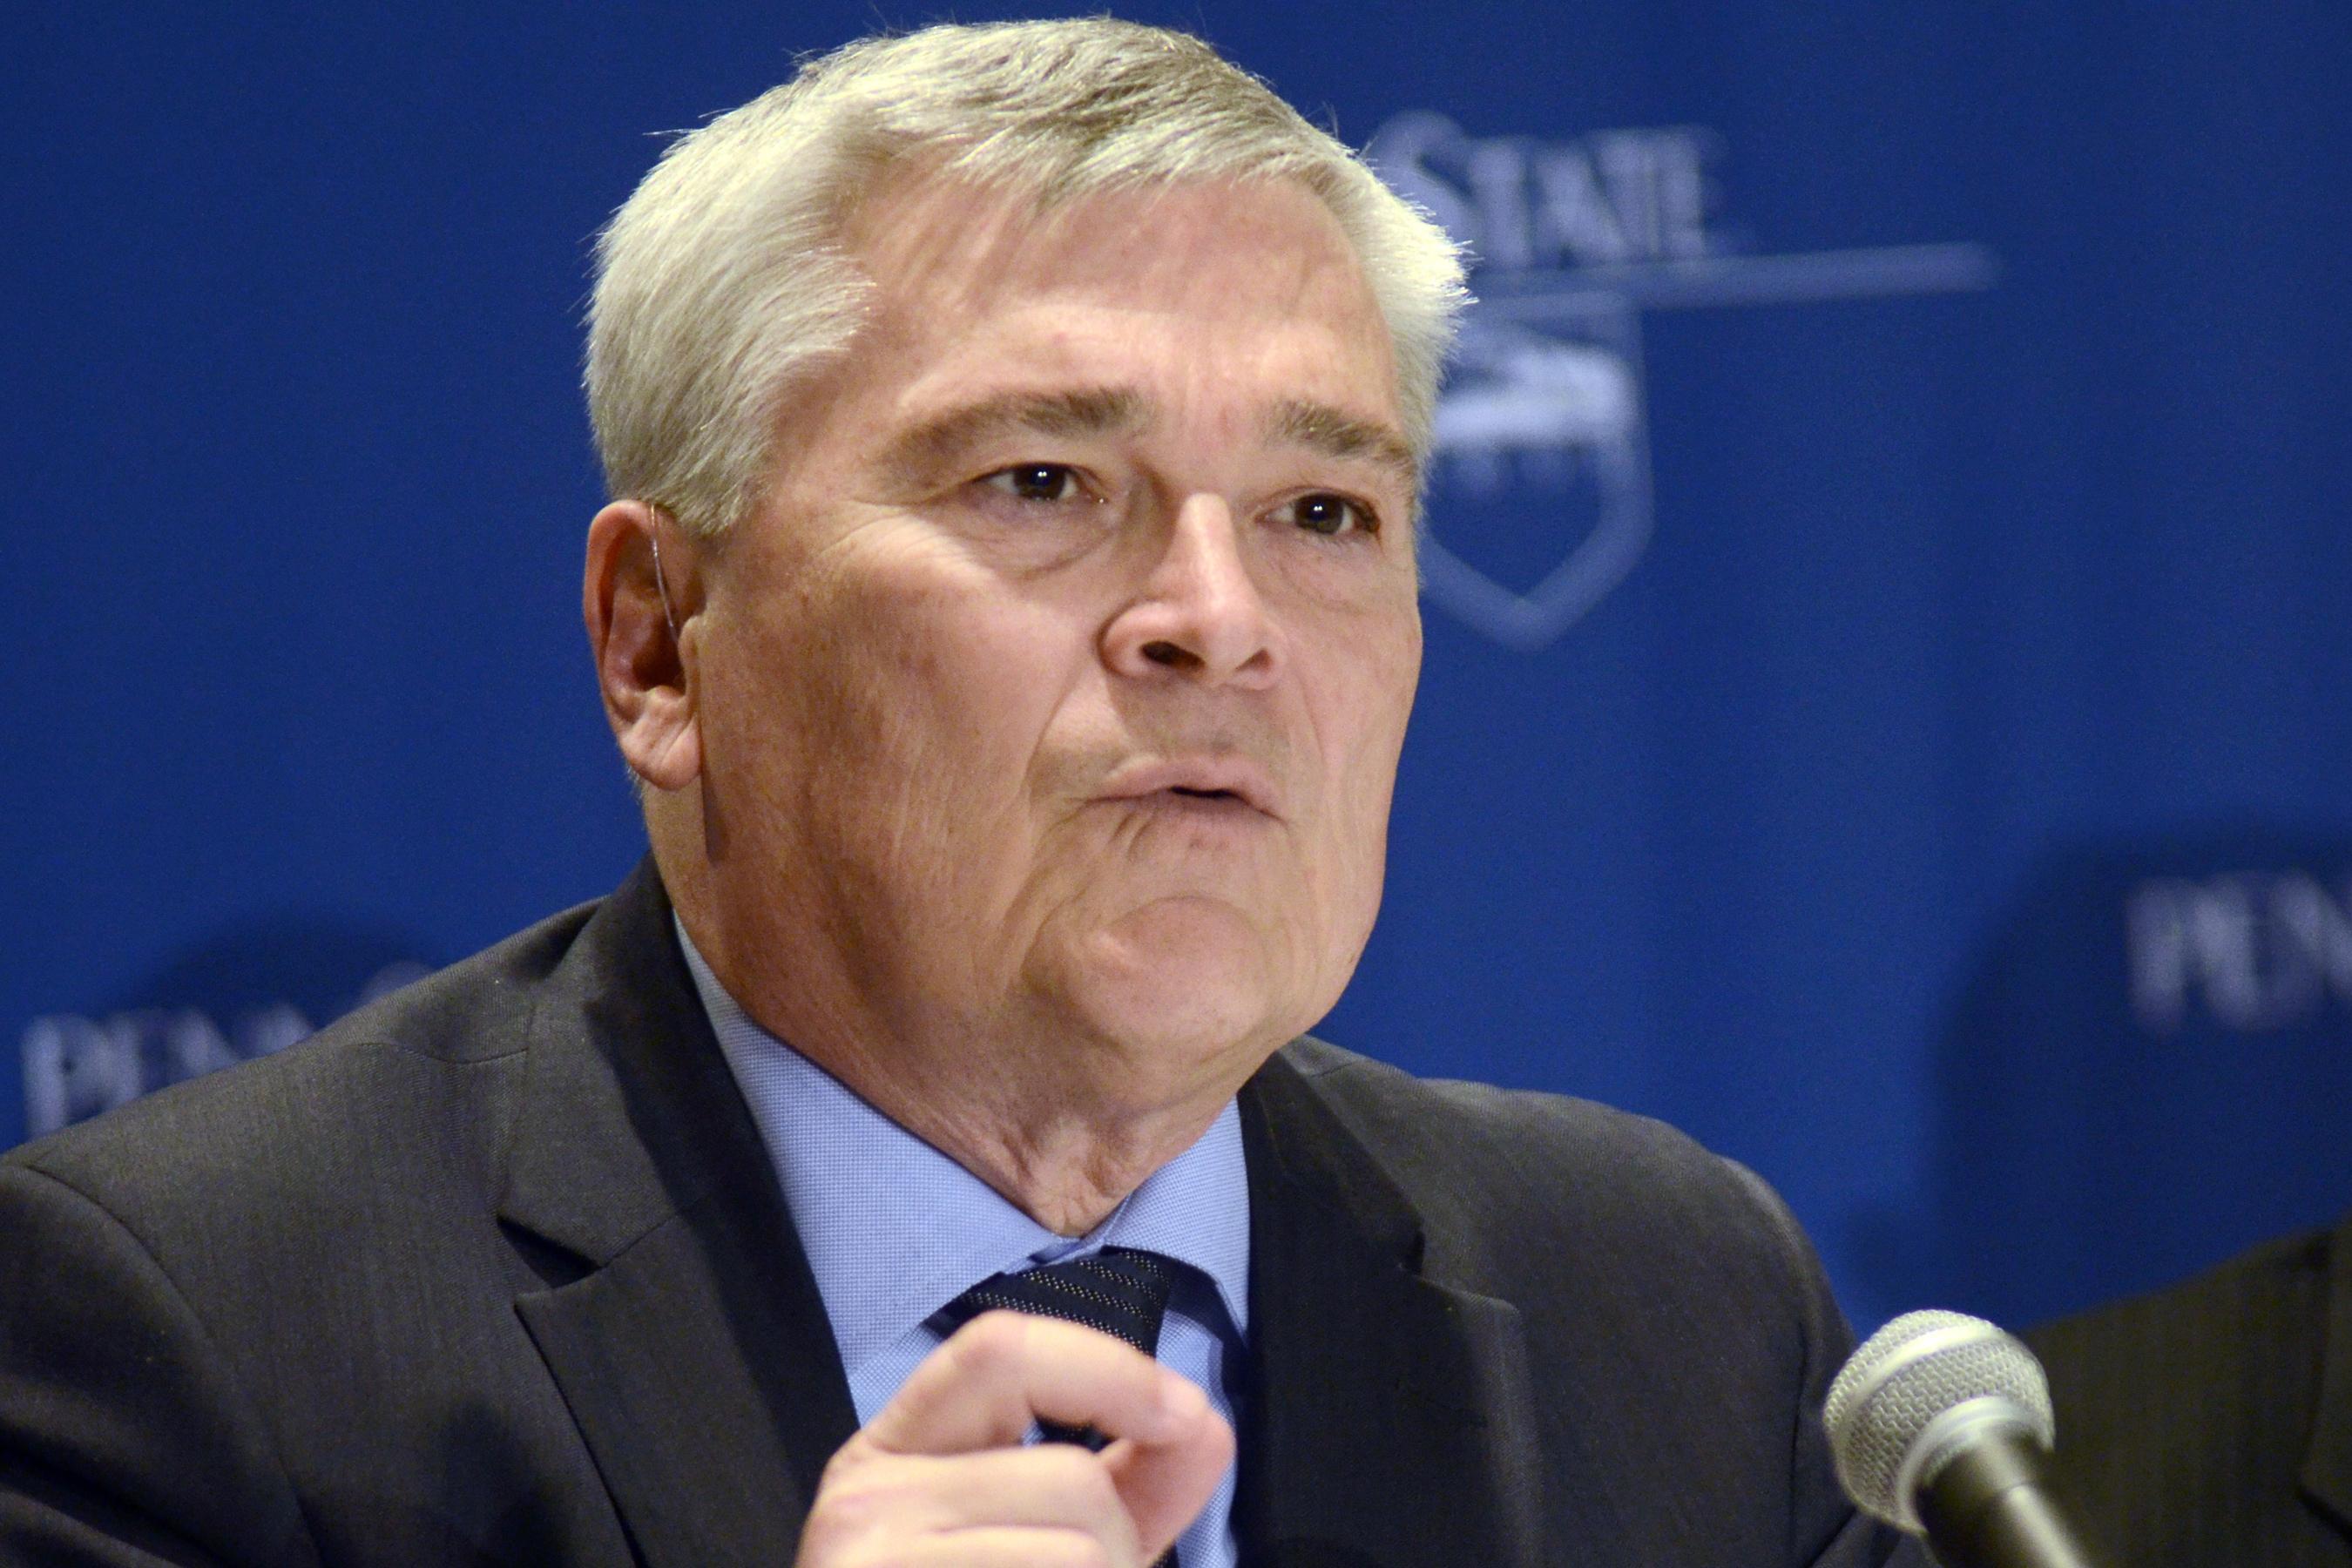 Penn State President Eric Barron.